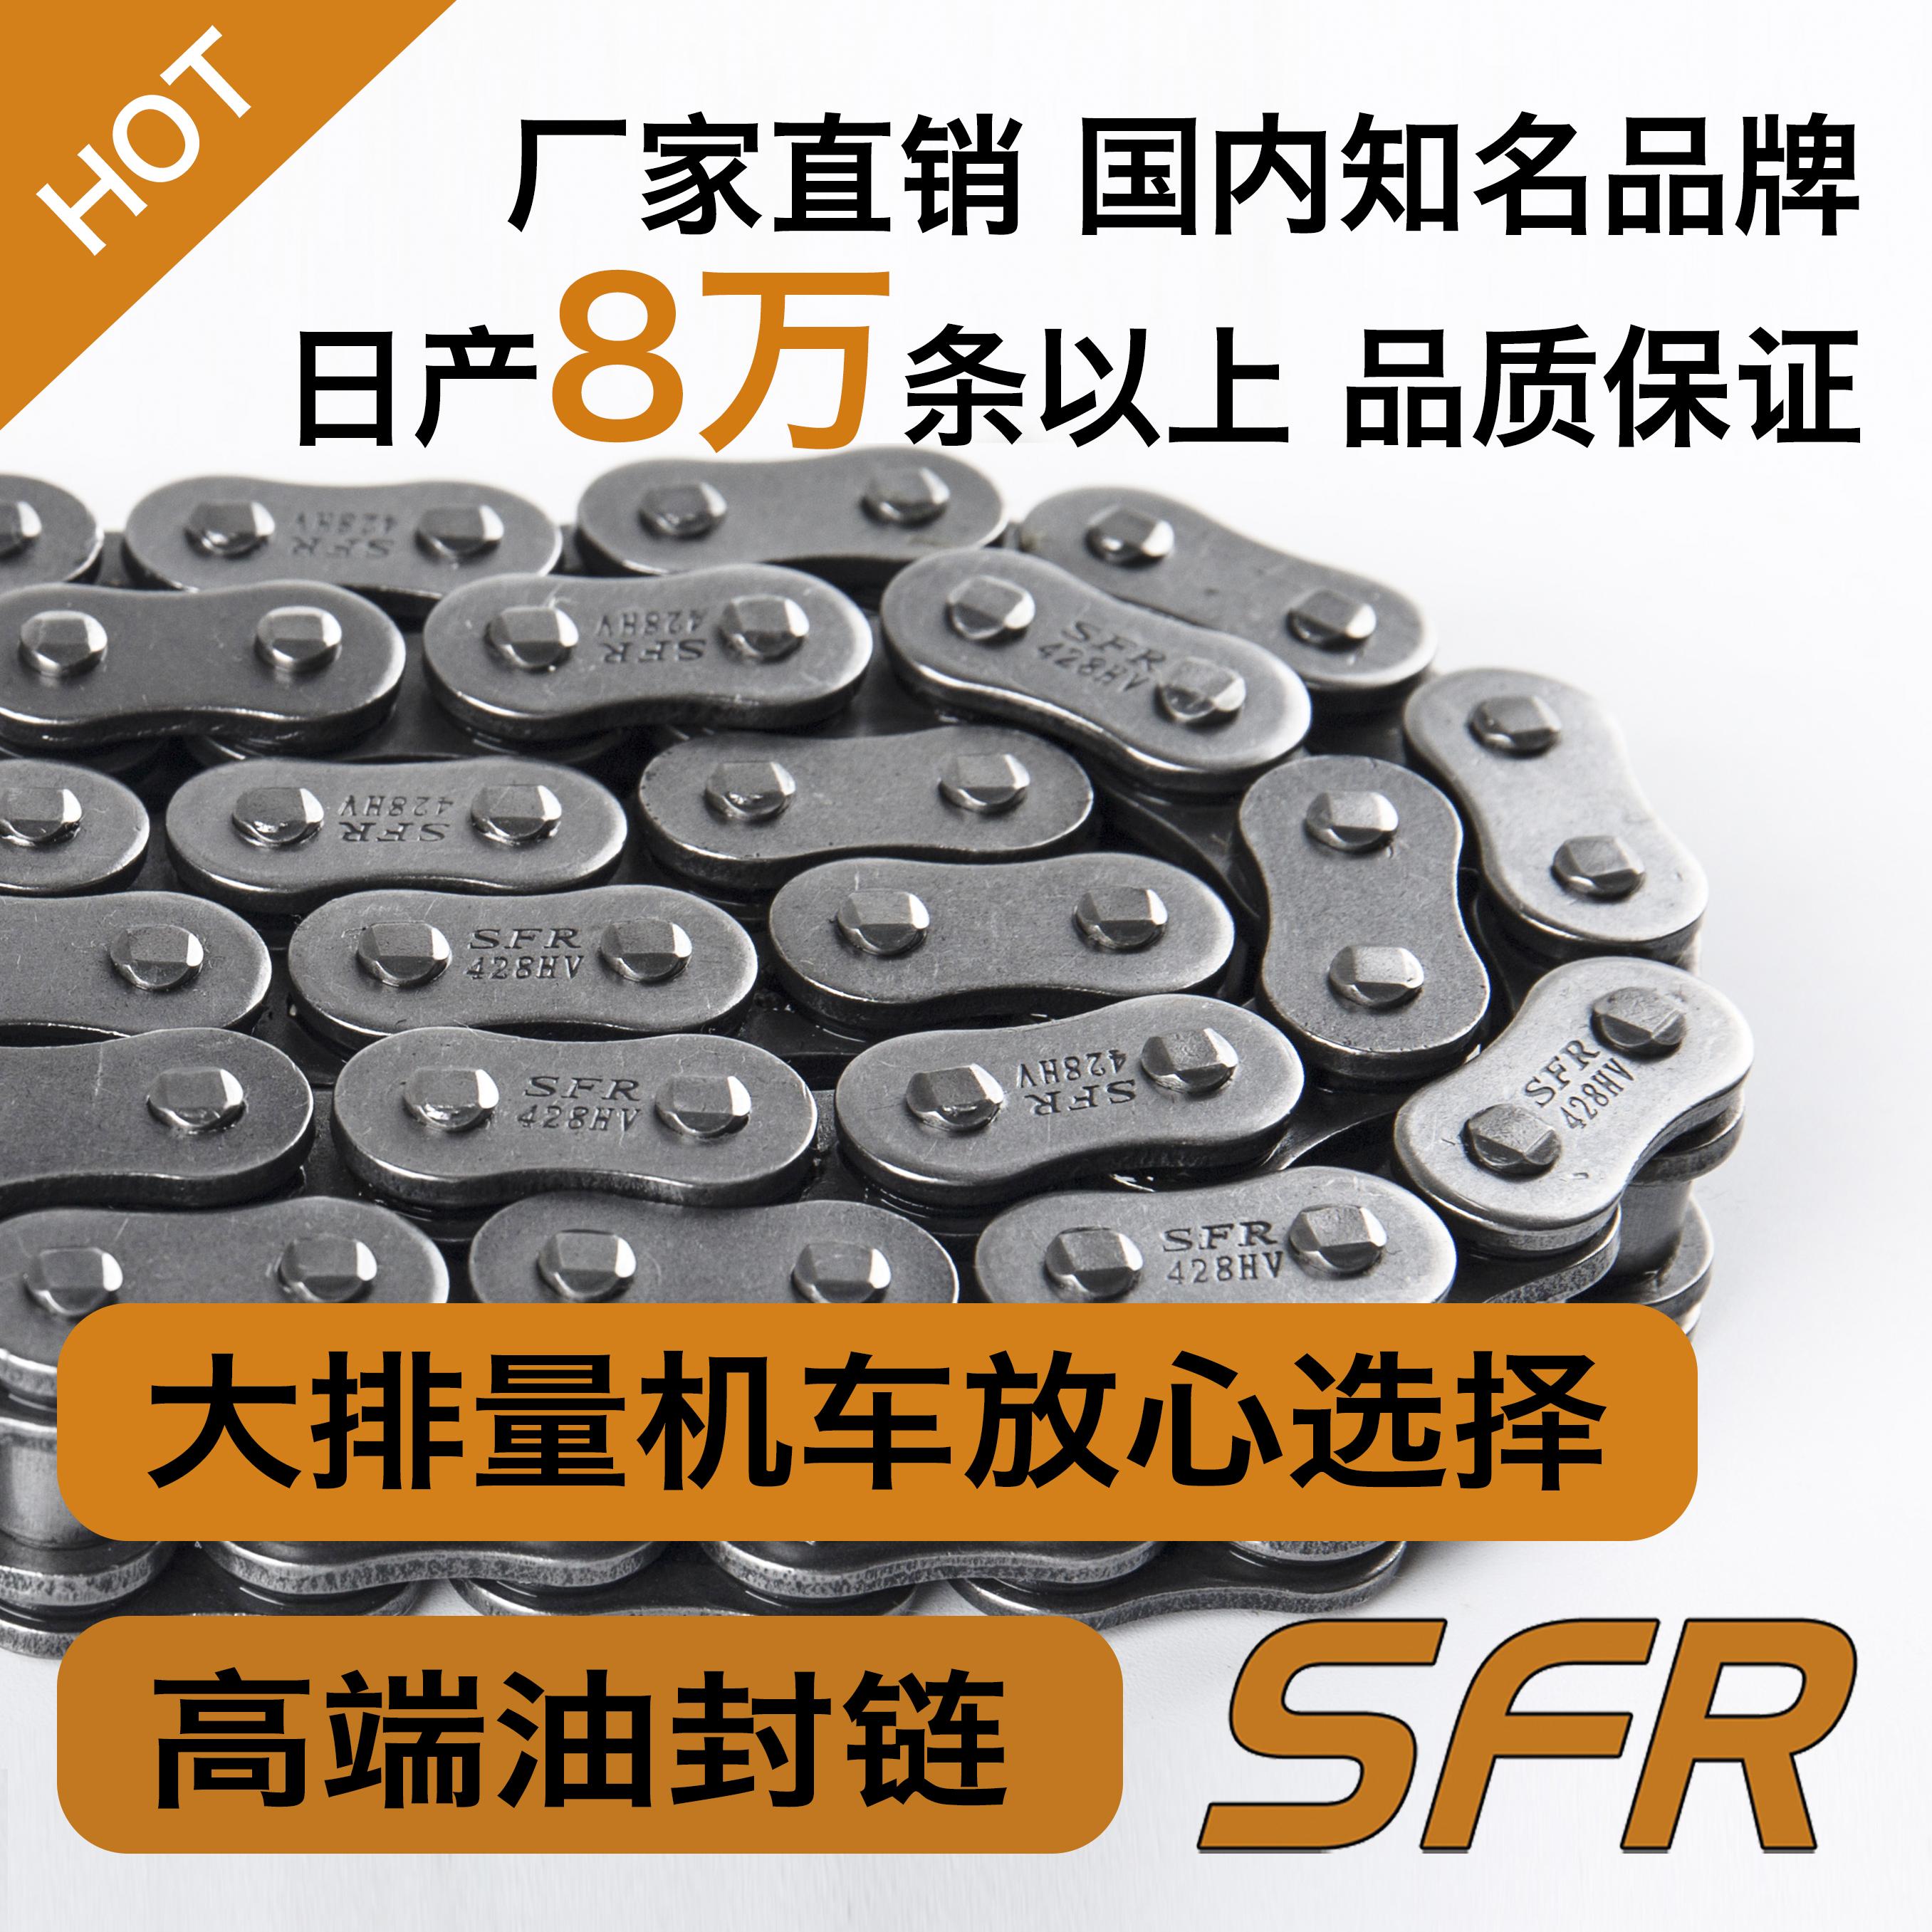 順峰鏈業SFR,428HO,428HV,密封圈鏈條,油封鏈條,大排量摩托車鏈條,150CC,200CC,250CC